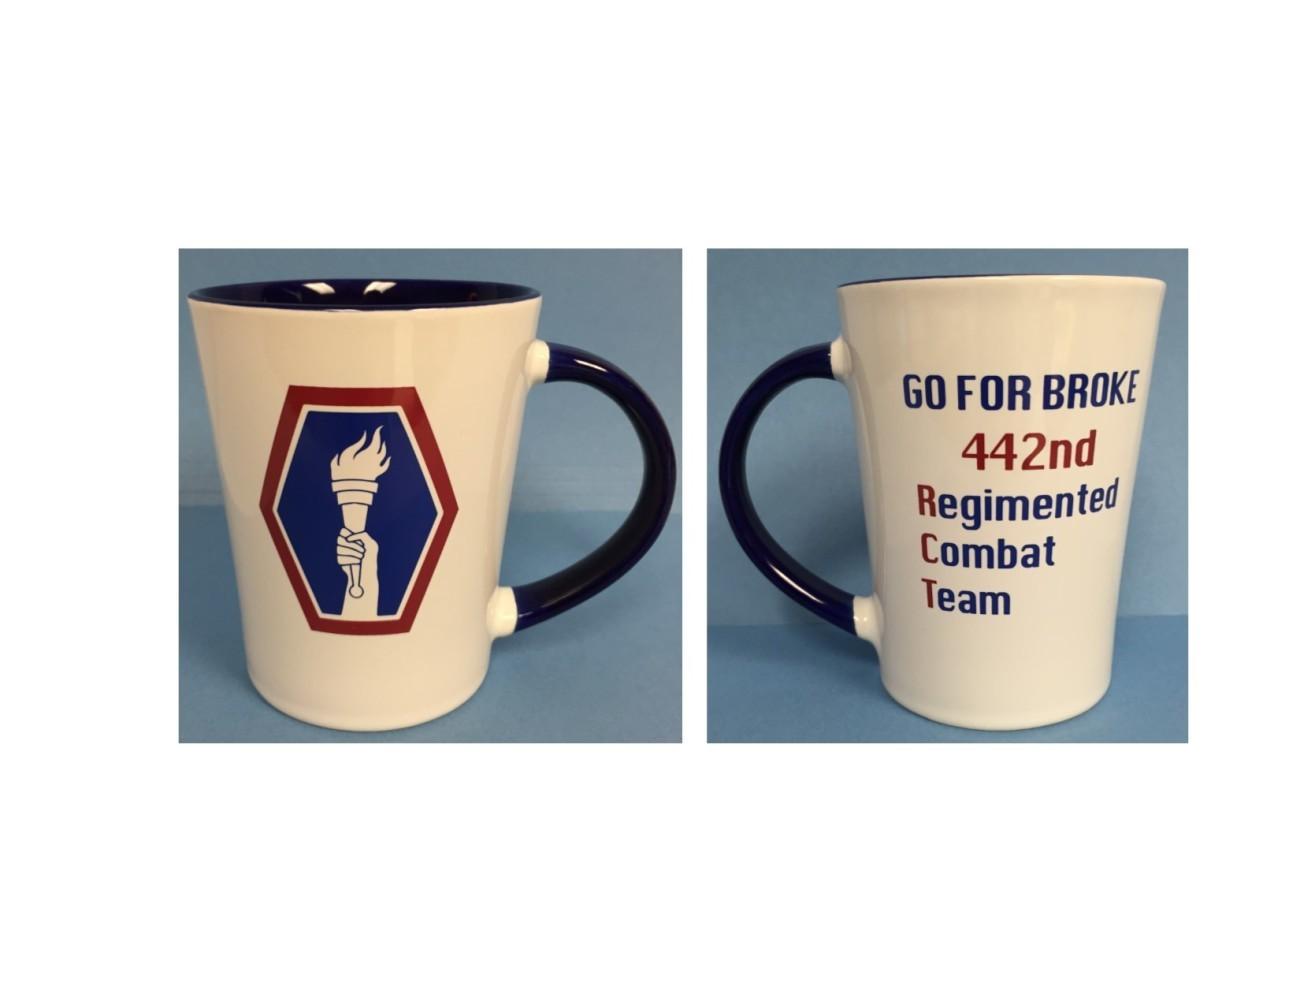 Unit Crest Go For Broke 442nd Regimental Combat Team Mug